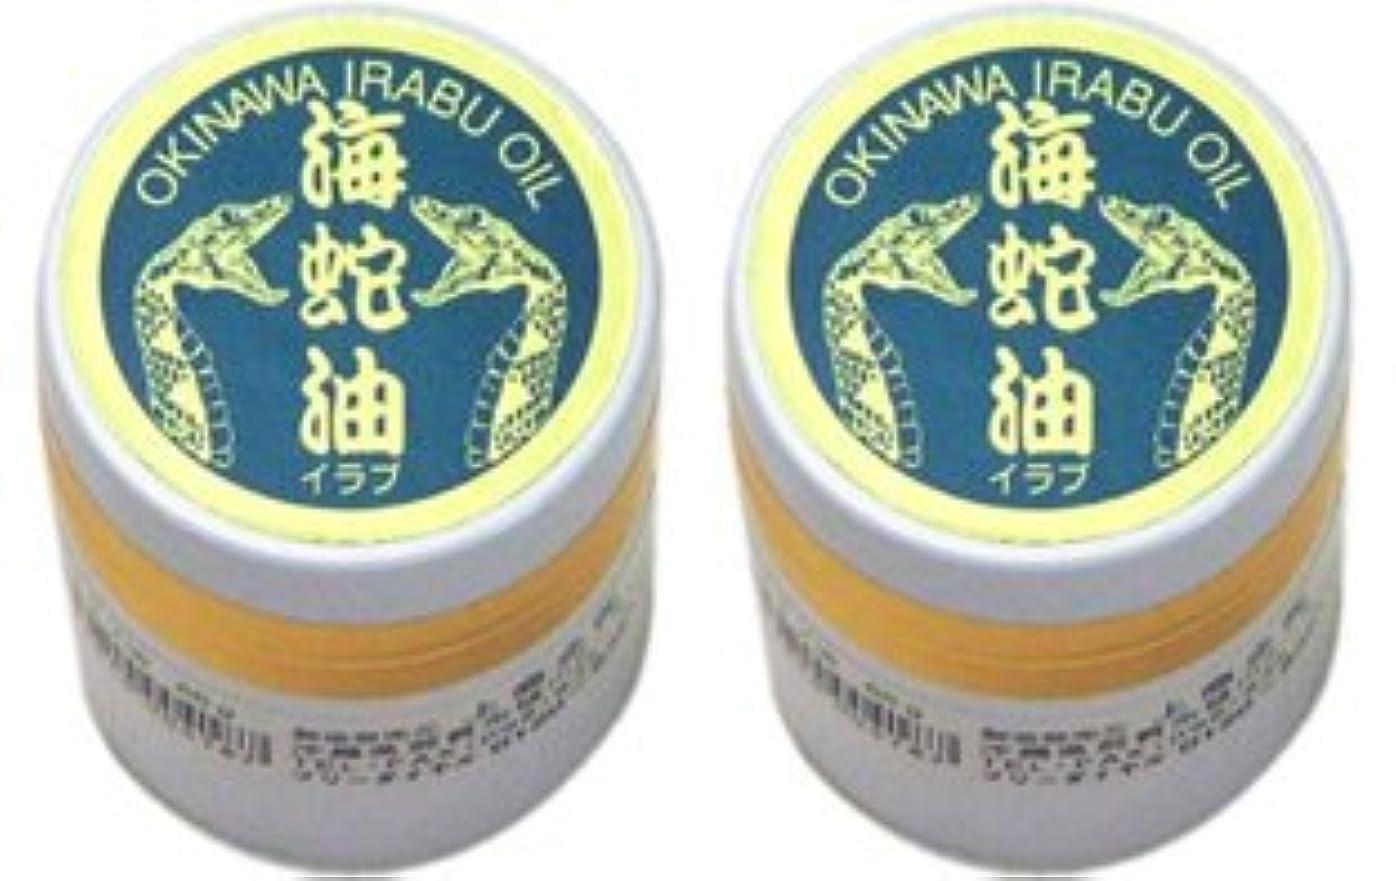 ダウン剣回路沖縄県産100% イラブ油65g 軟膏タイプ 65g×2個 レターパックプラスにて配送 代引き?日時指定不可 …